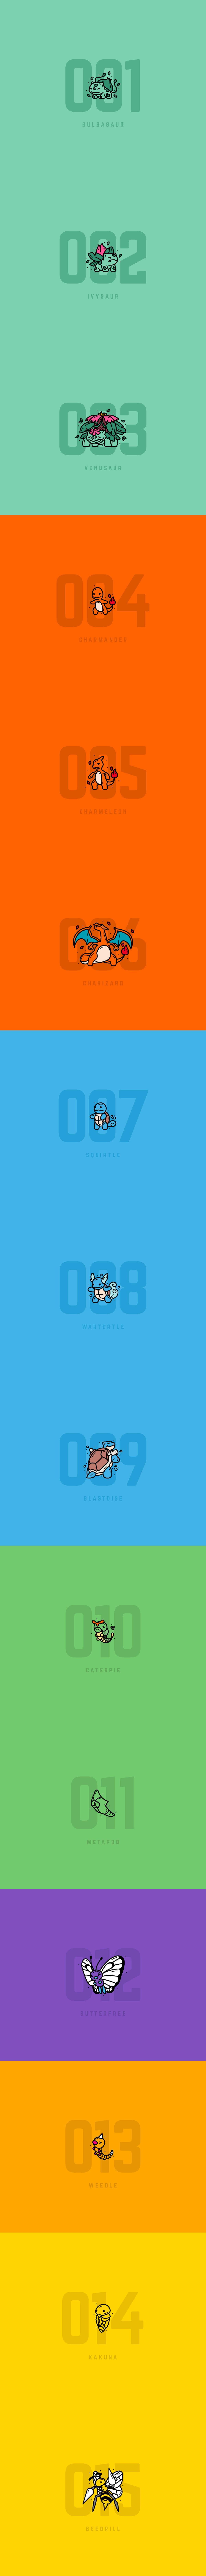 Pokemon Challenge by Bennie The Illustrator